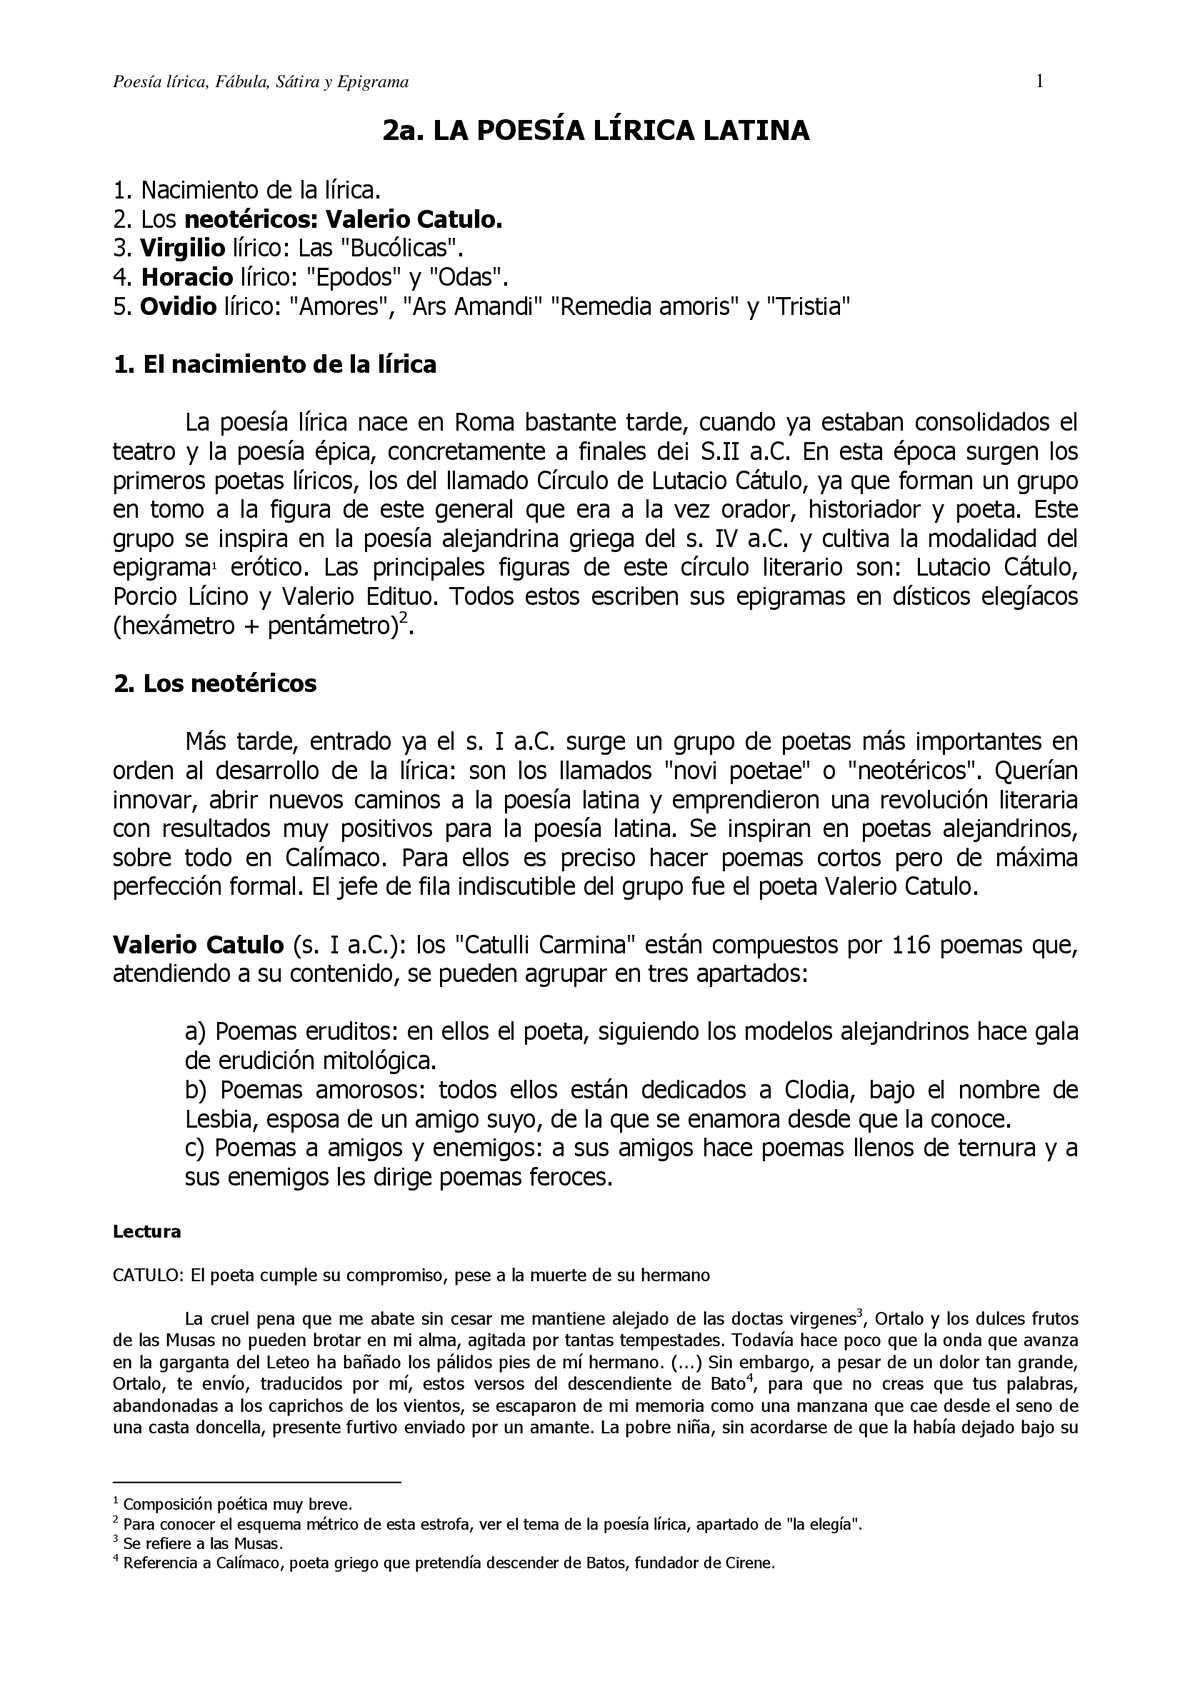 Calaméo Poesía Lírica Latina Fábula Sátira Y Epigrama